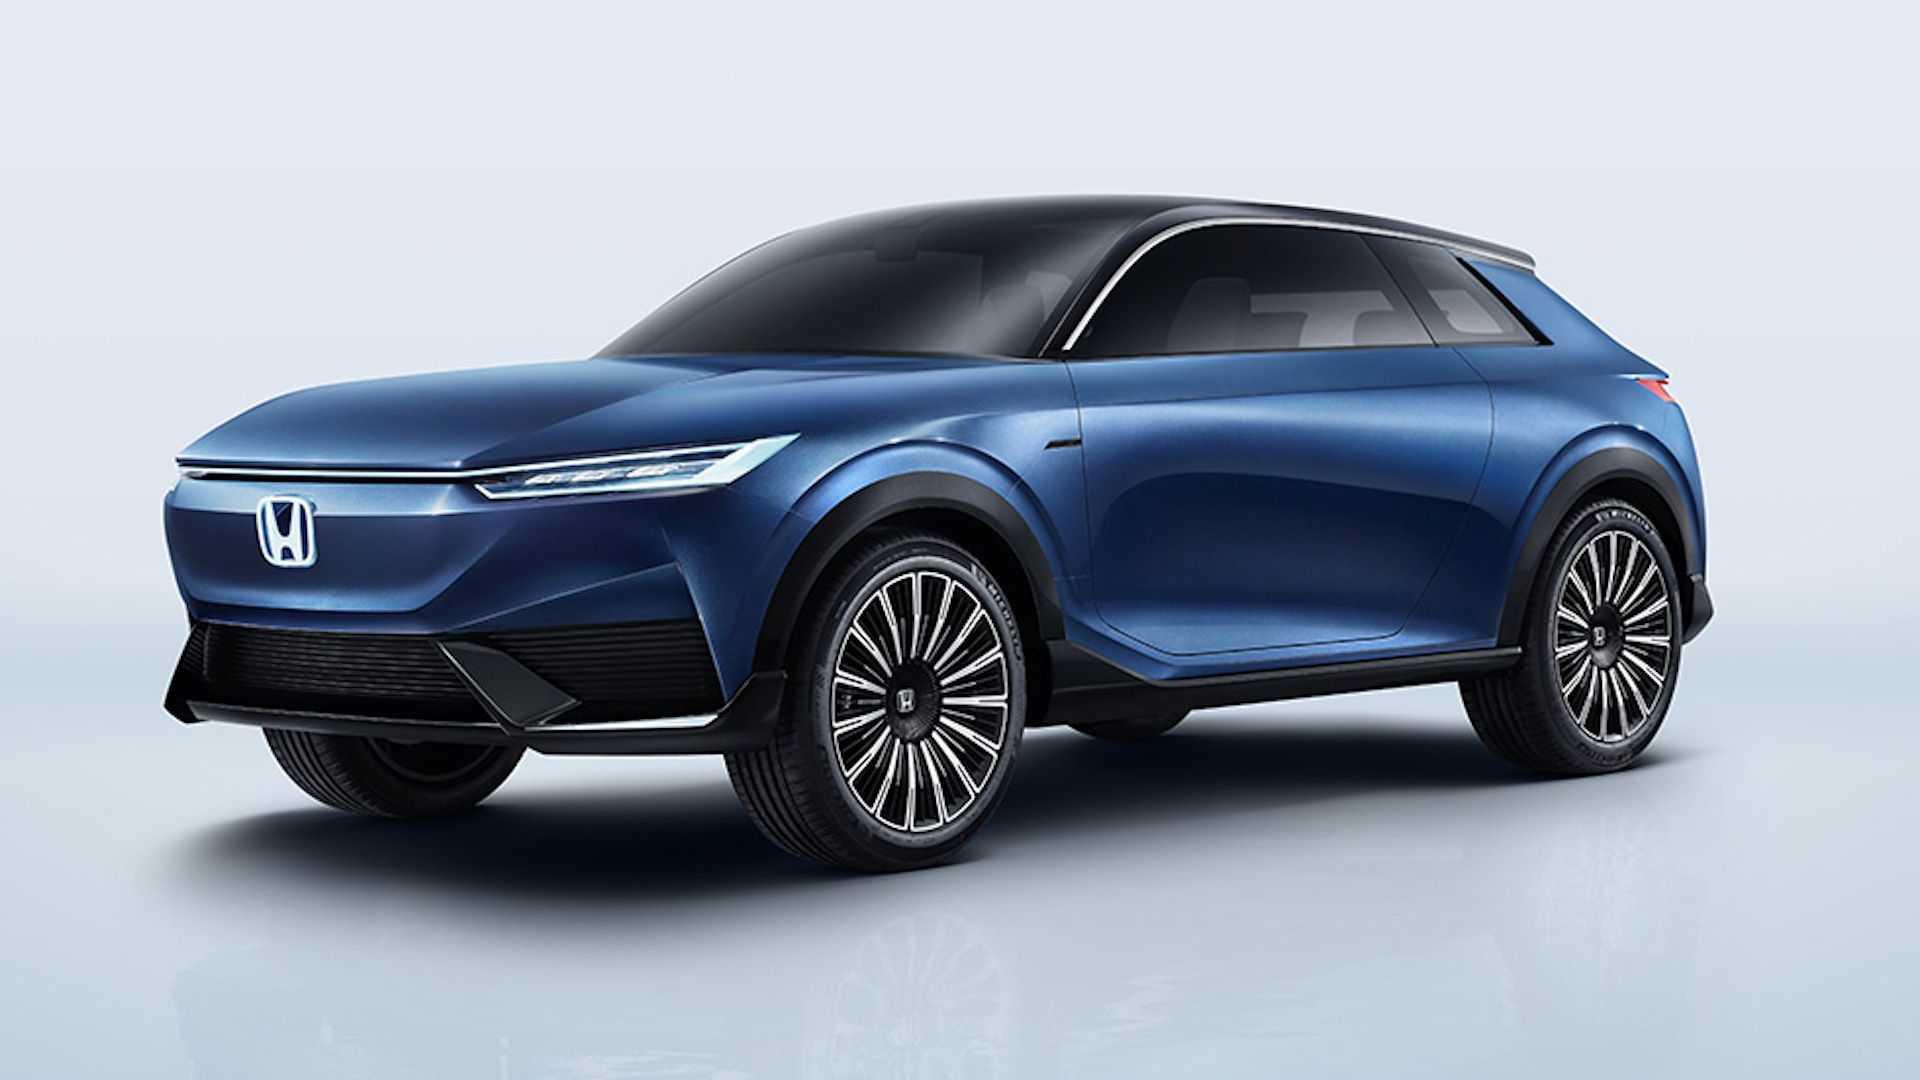 Honda CR-V thế hệ mới hé lộ thay đổi về động cơ khiến Mazda CX-5, Hyundai Tucson dè chừng - Ảnh 1.